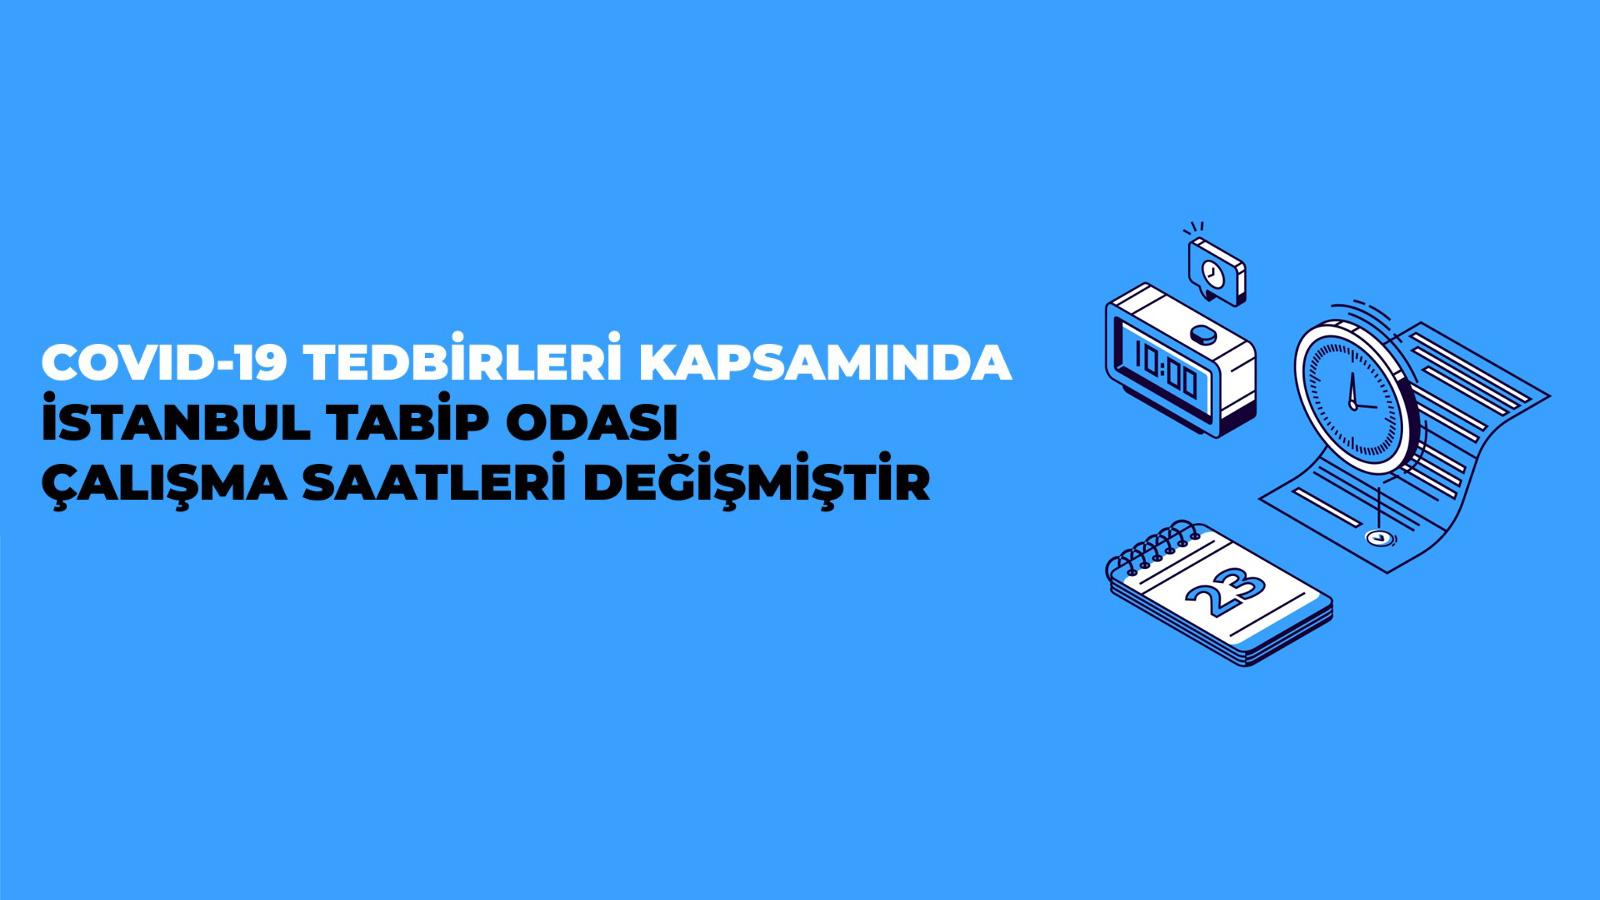 COVID-19 Tedbirleri Kapsamında İstanbul Tabip Odası Çalışma Saatleri Değişmiştir